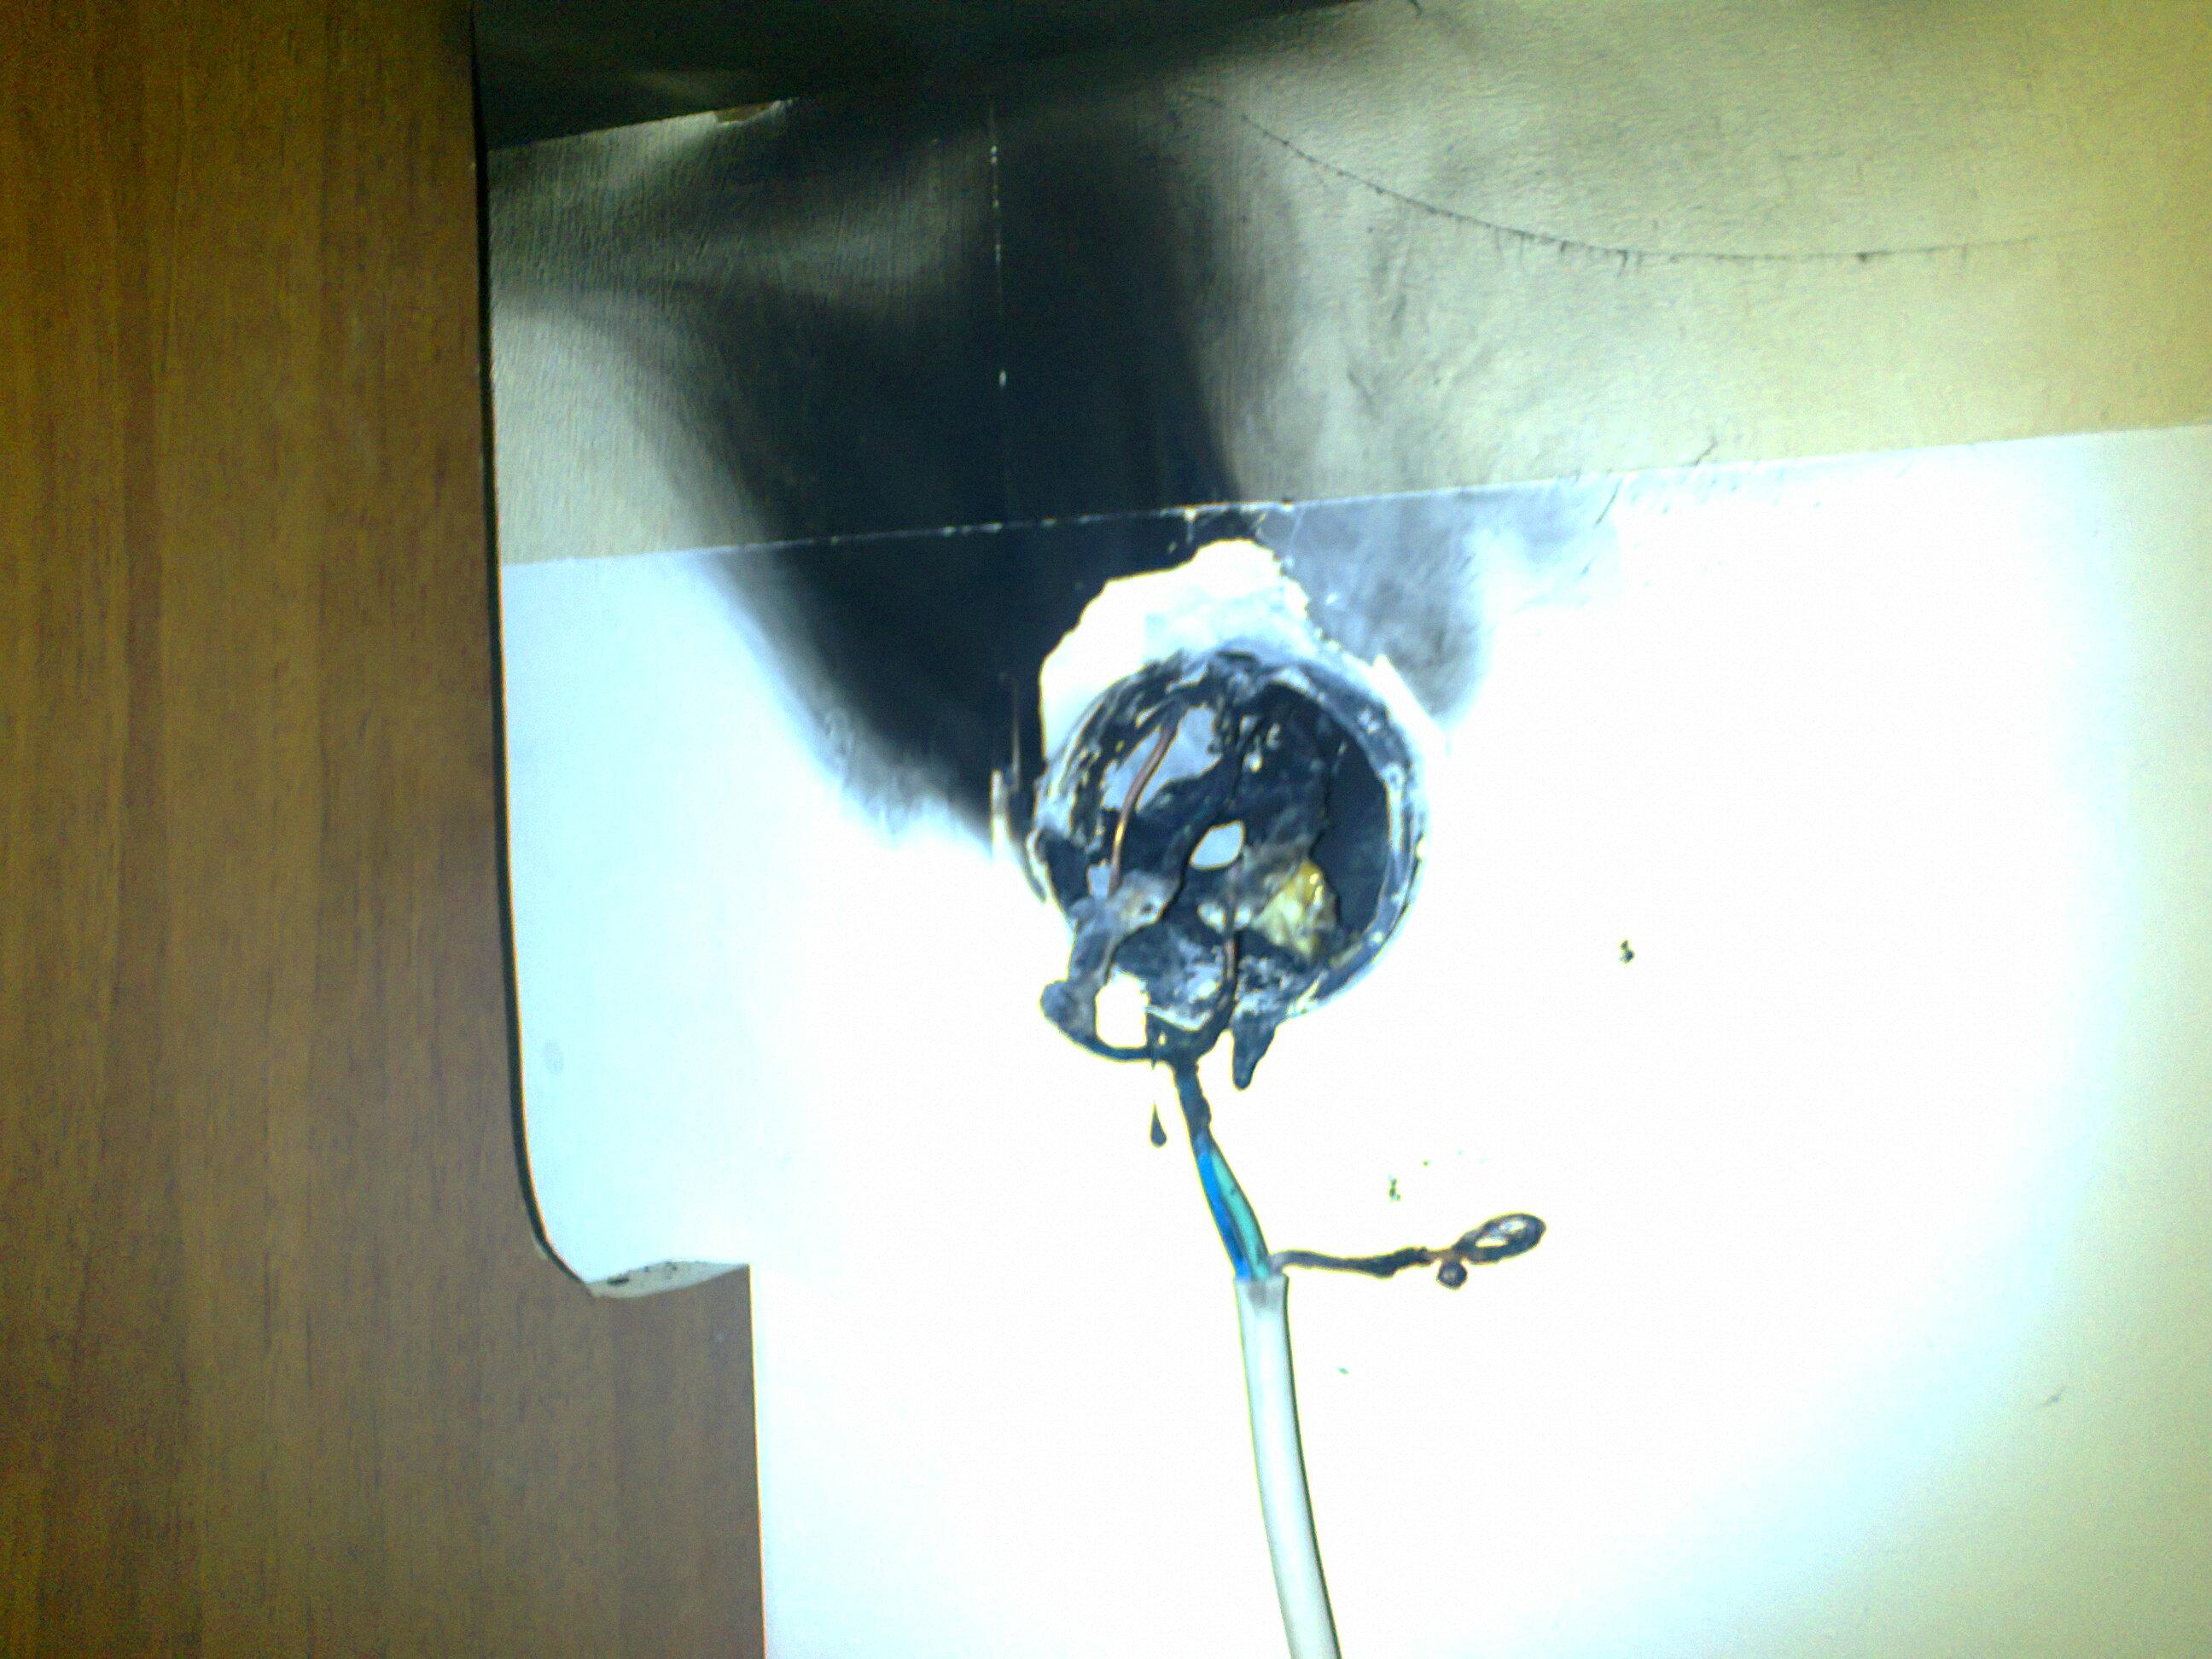 Instalacja pod kuchenk� gazowo elektryczn�.